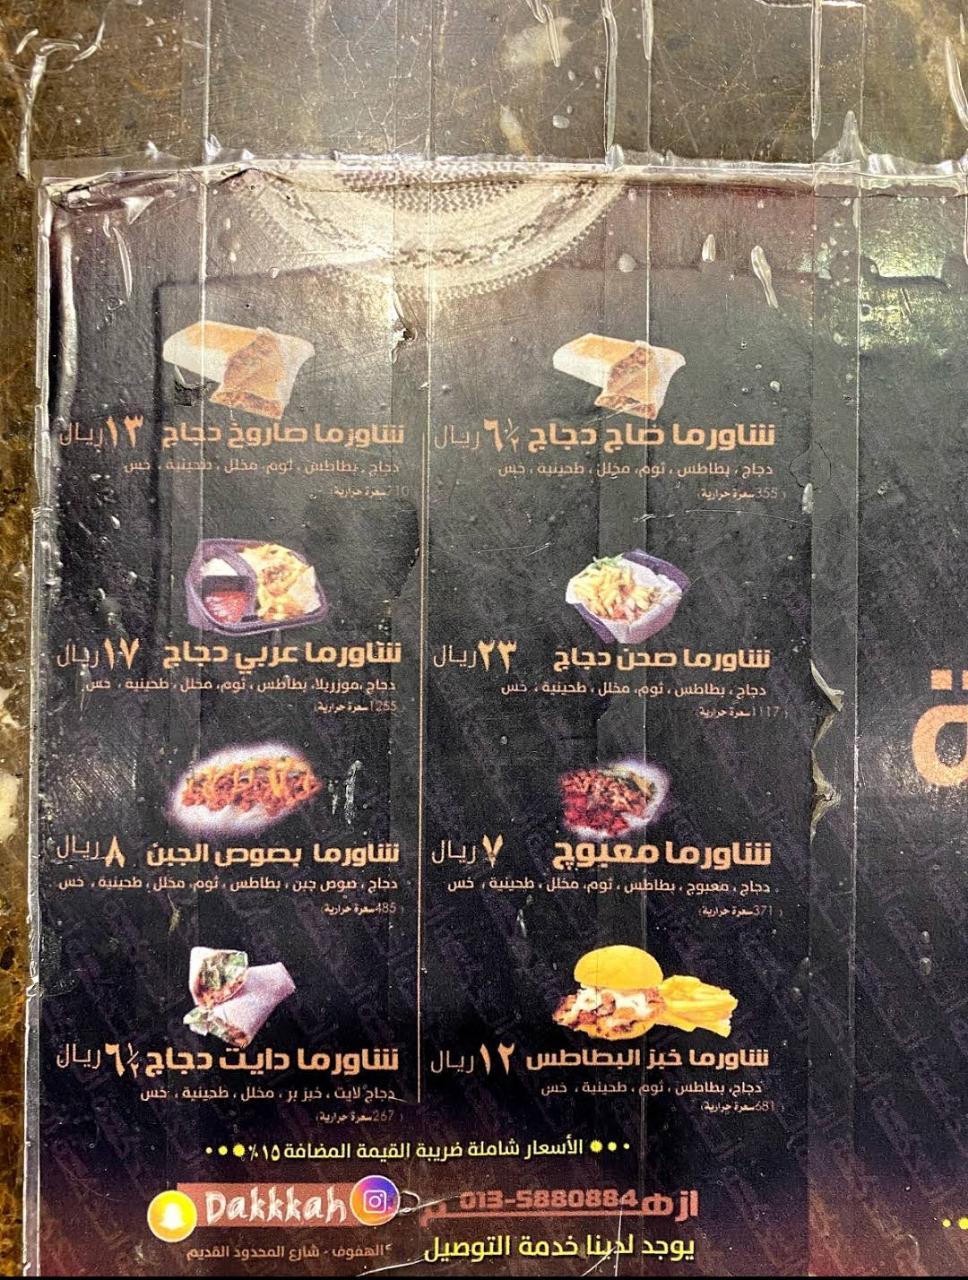 منيو مطعم شاورما الدكه في الاحساء